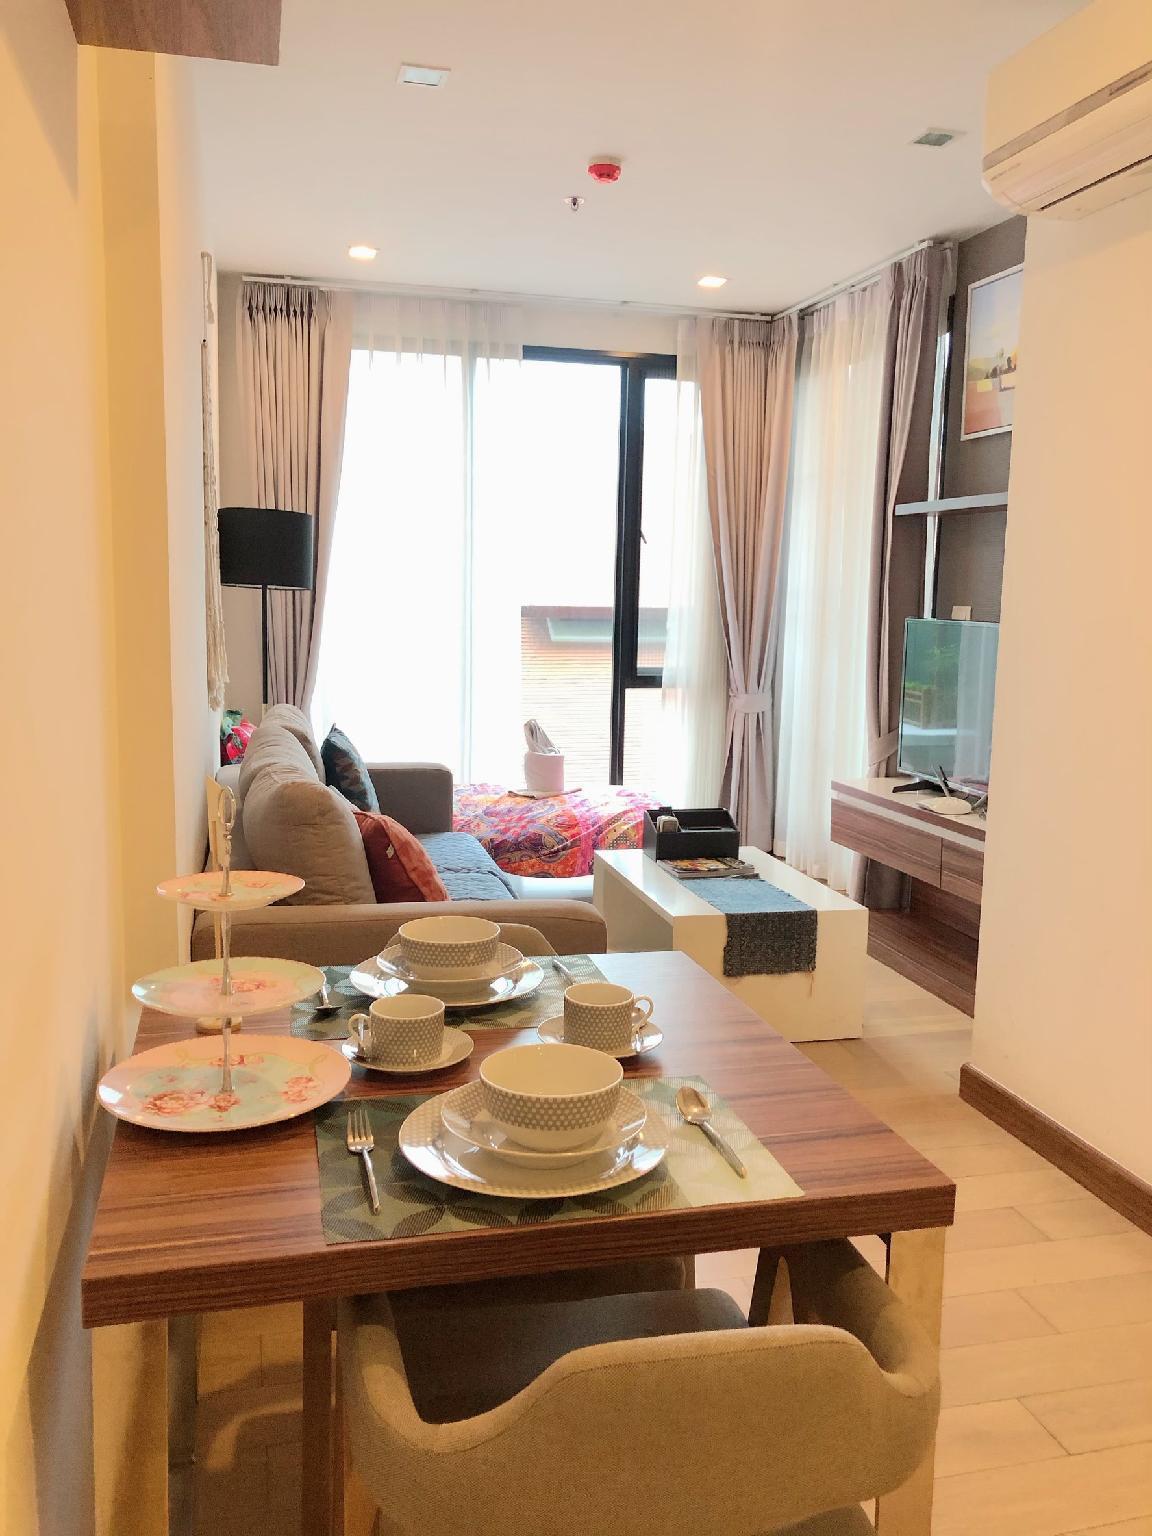 The Astra Condo Private Suite อพาร์ตเมนต์ 1 ห้องนอน 1 ห้องน้ำส่วนตัว ขนาด 50 ตร.ม. – ช้างคลาน